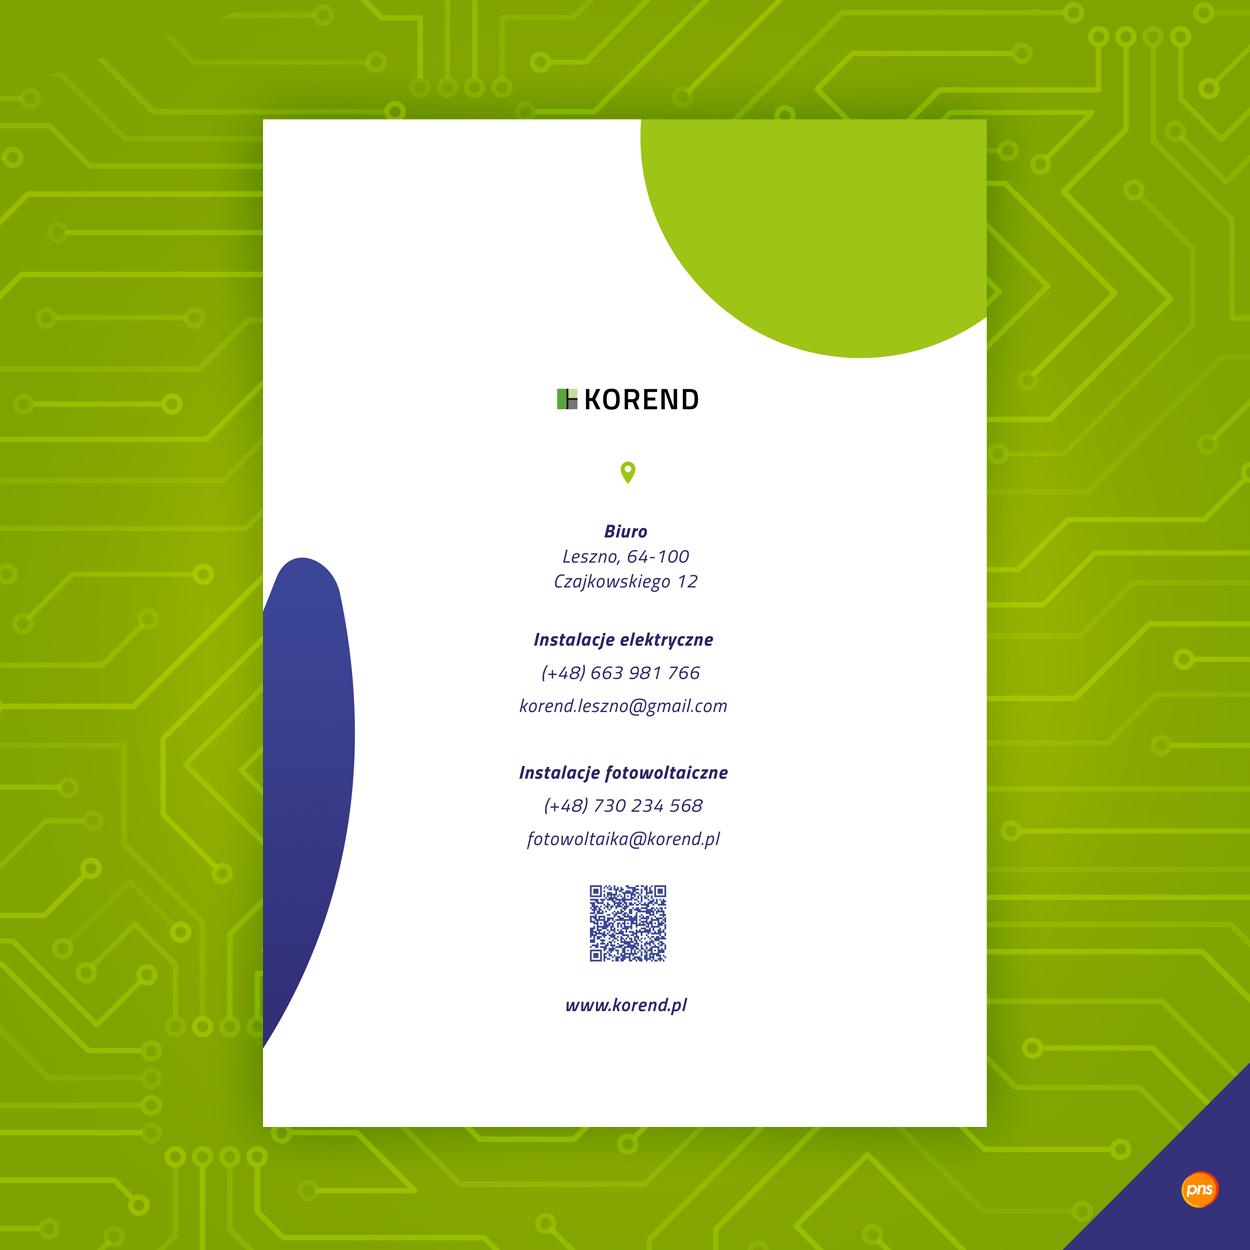 projekt graficzny teczka na dokumenty fotowoltaika korend 3 - Projekt graficzny teczki firmowej fotowoltaika - Korend